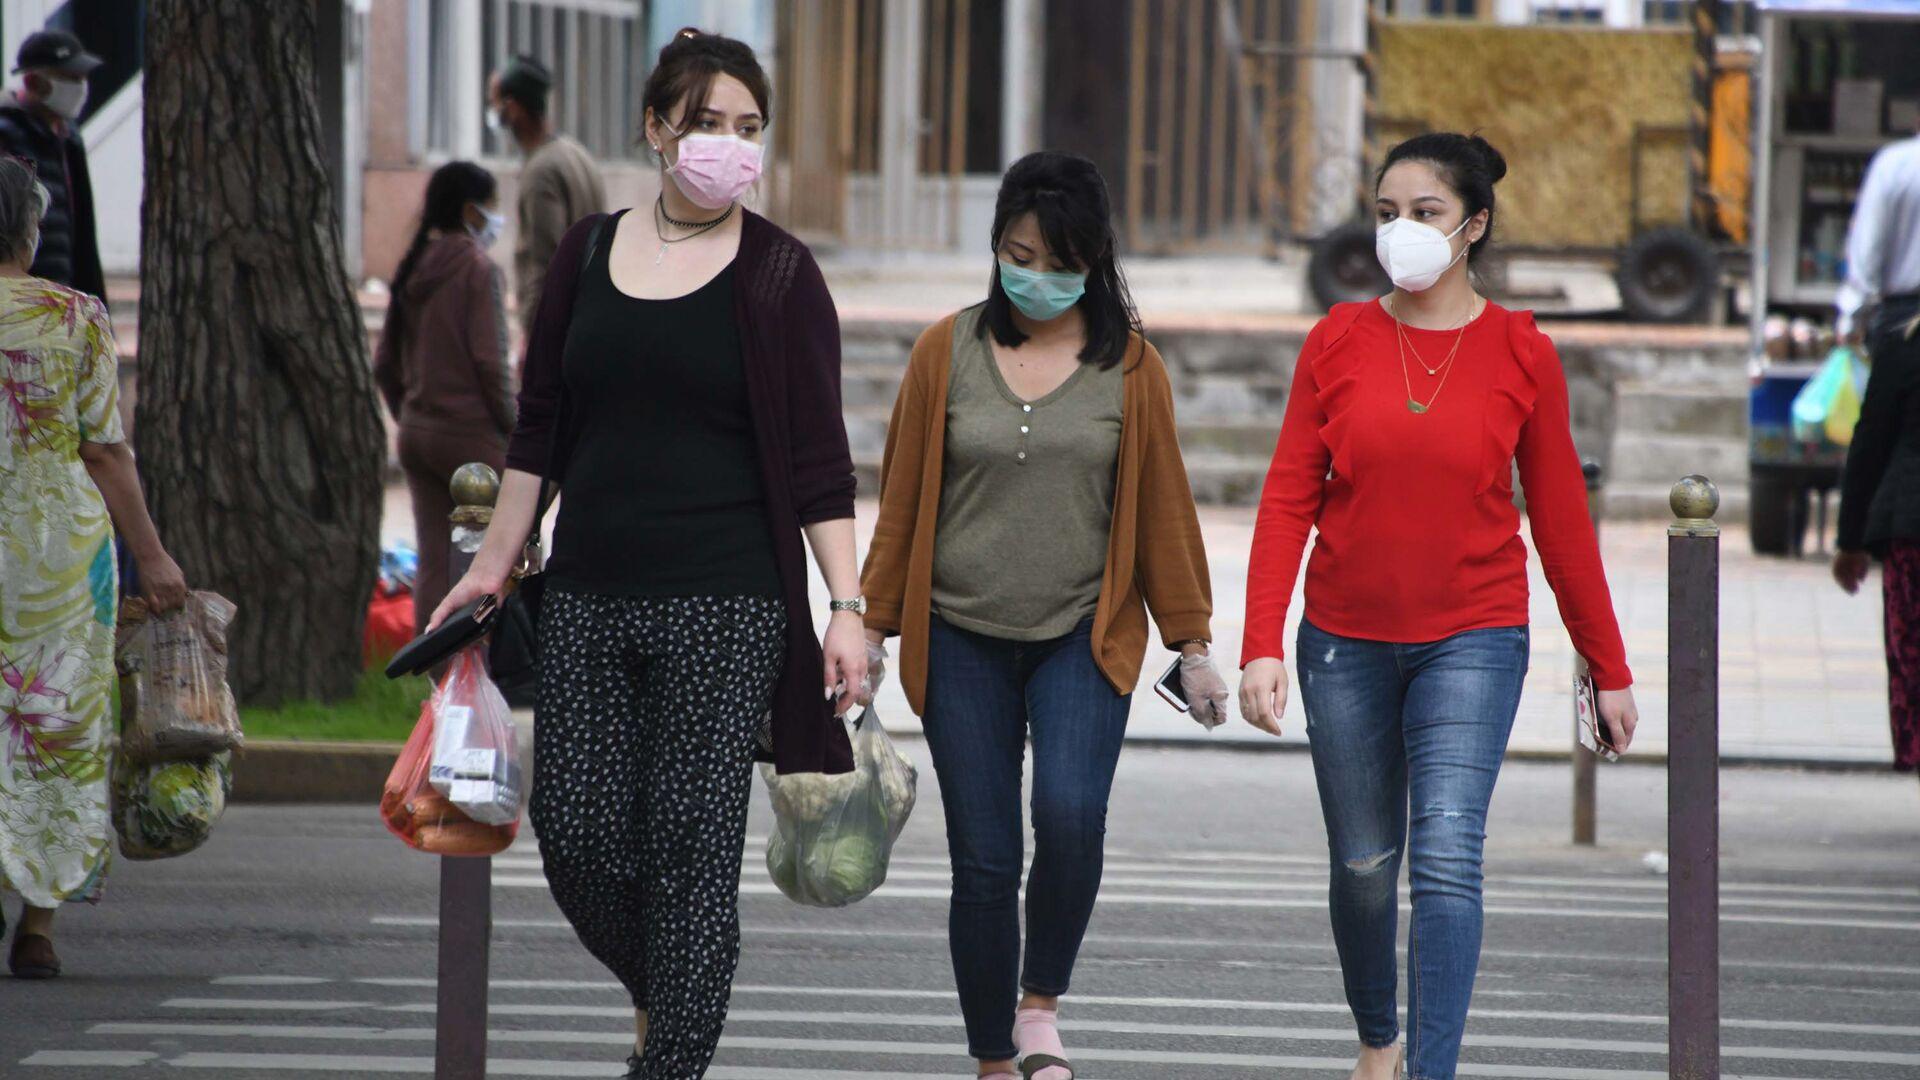 Жители города Душанбе в защитных масках на улице - Sputnik Таджикистан, 1920, 30.09.2021